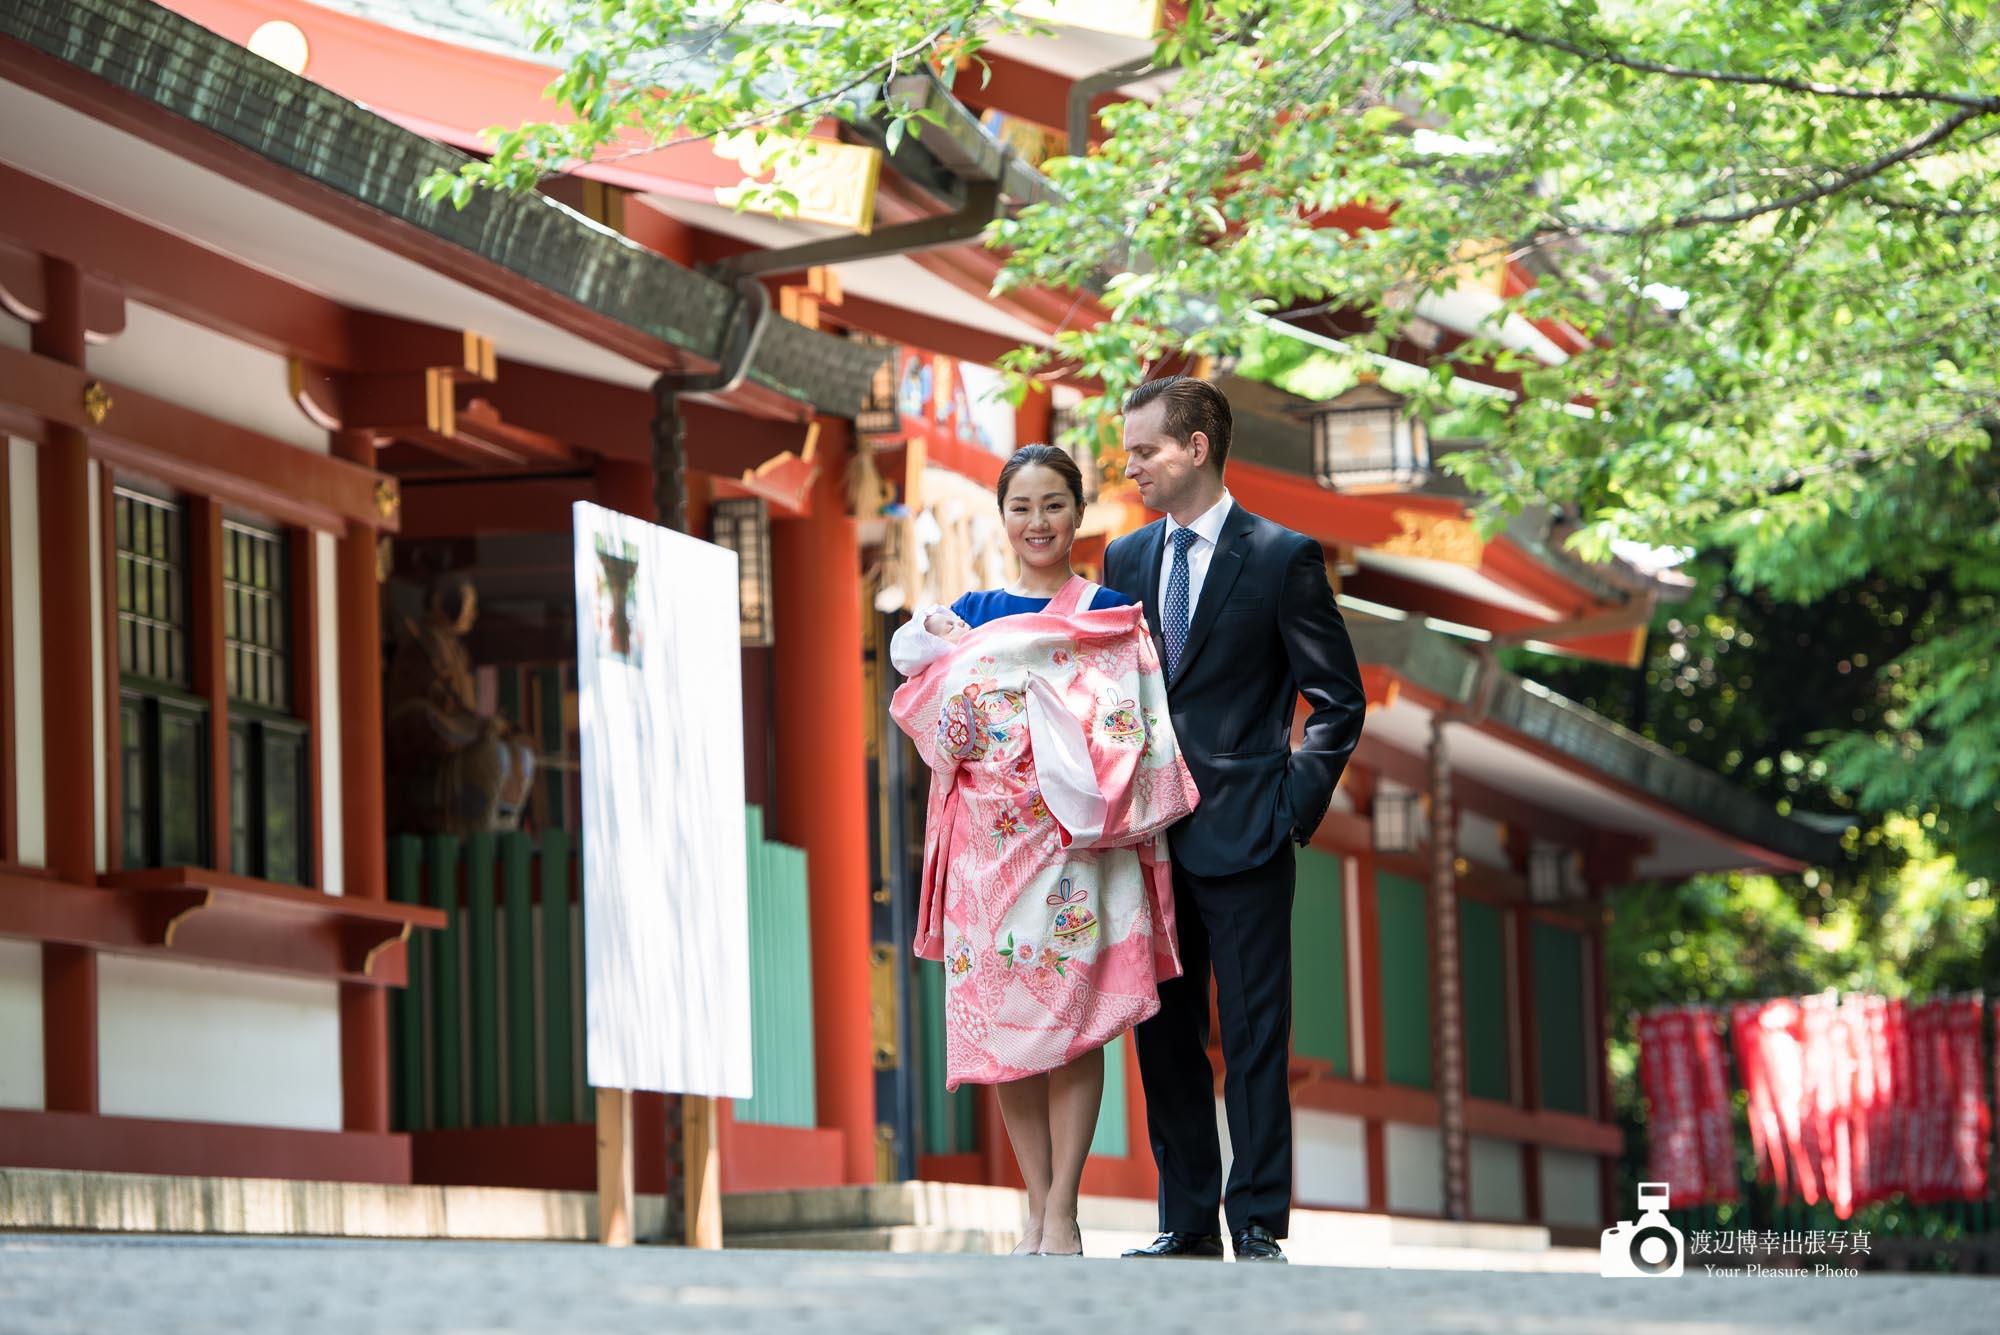 赤坂日枝神社の前で赤ちゃんを抱き並ぶお宮参りの夫婦